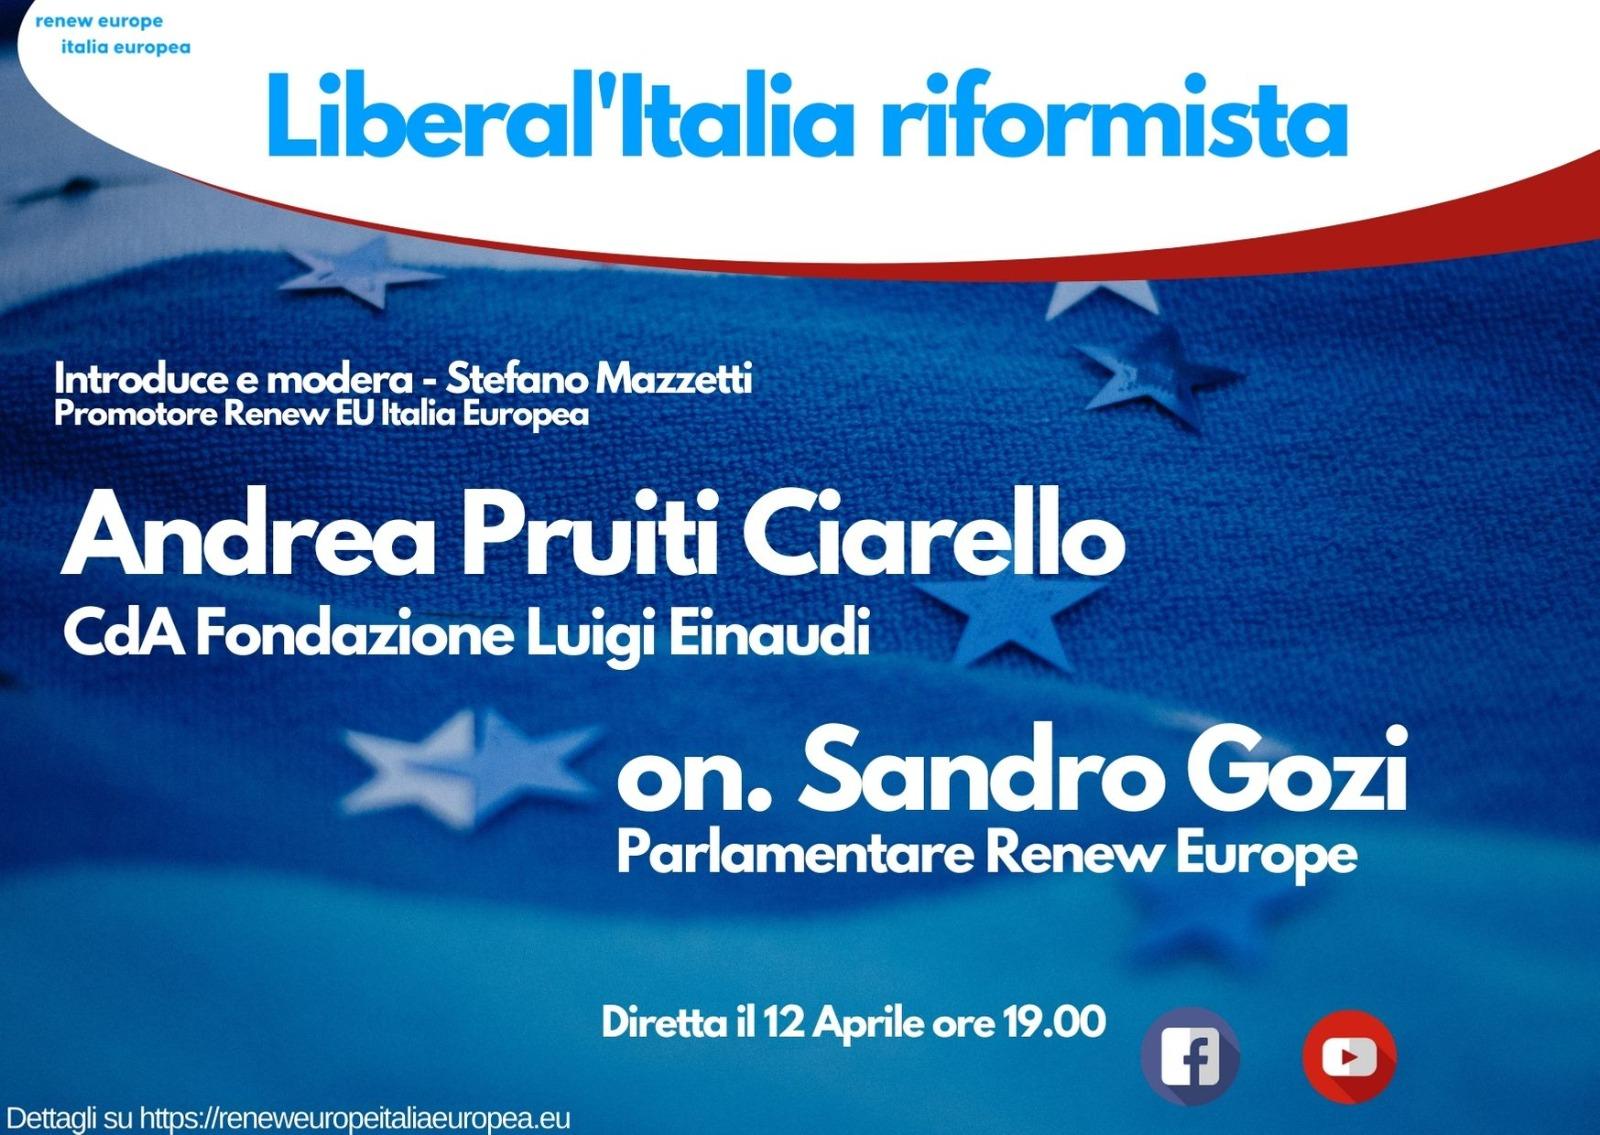 Andrea Pruiti Ciarello ospite a Renew Europe: Liberal'Italia riformista